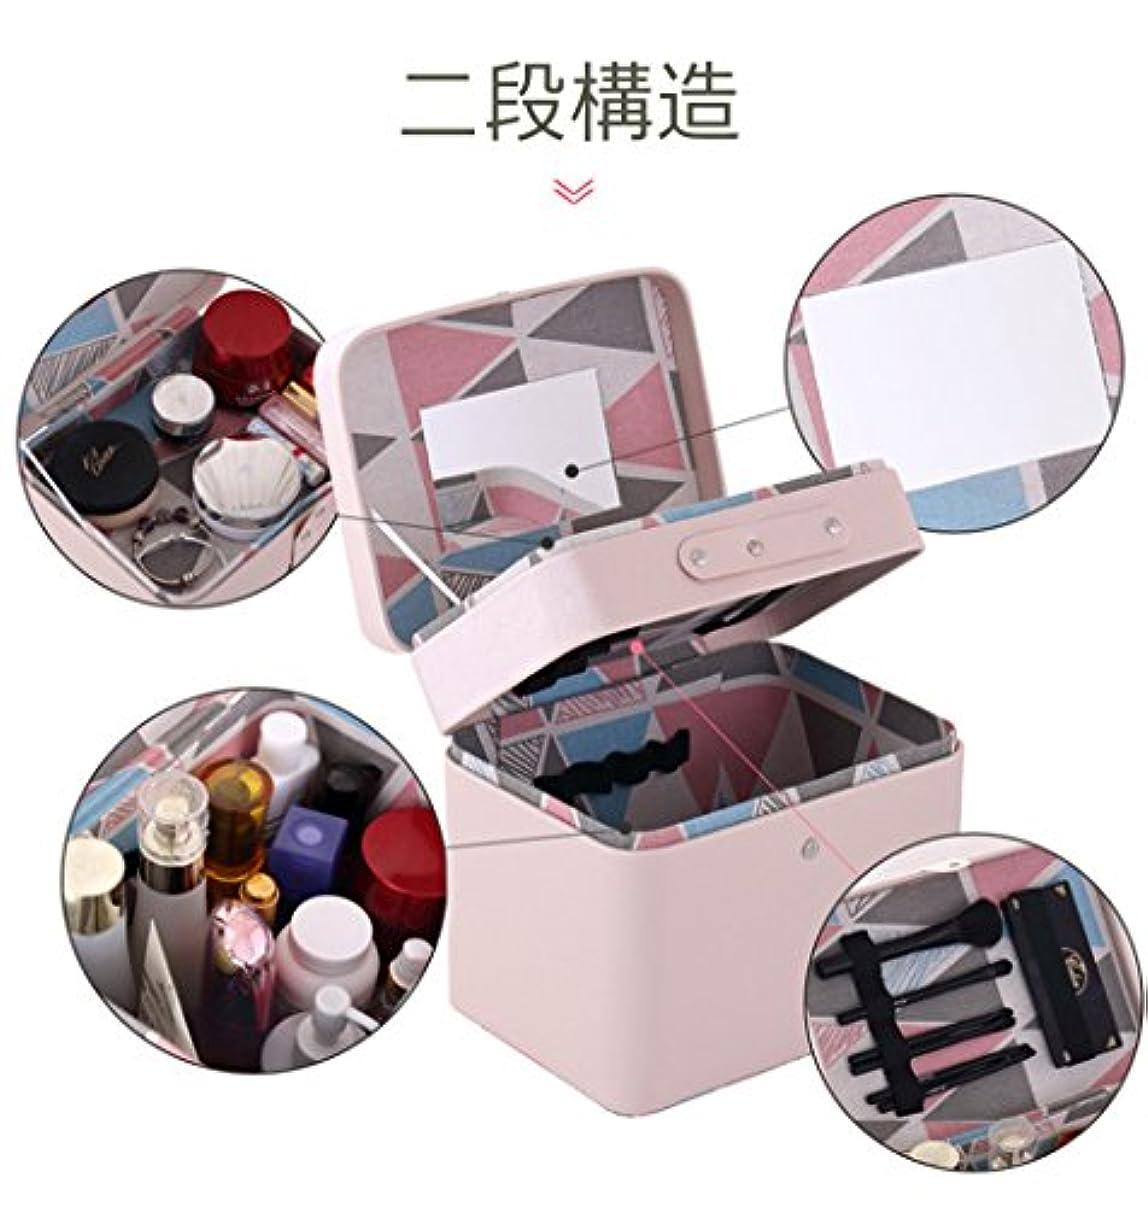 くつろぐ母音取り囲むSZTulip メイクボックス コスメボックス 大容量収納ケース メイクブラシ化粧道具 小物入れ 鏡付き 化粧品収納ボックス (ピンク)